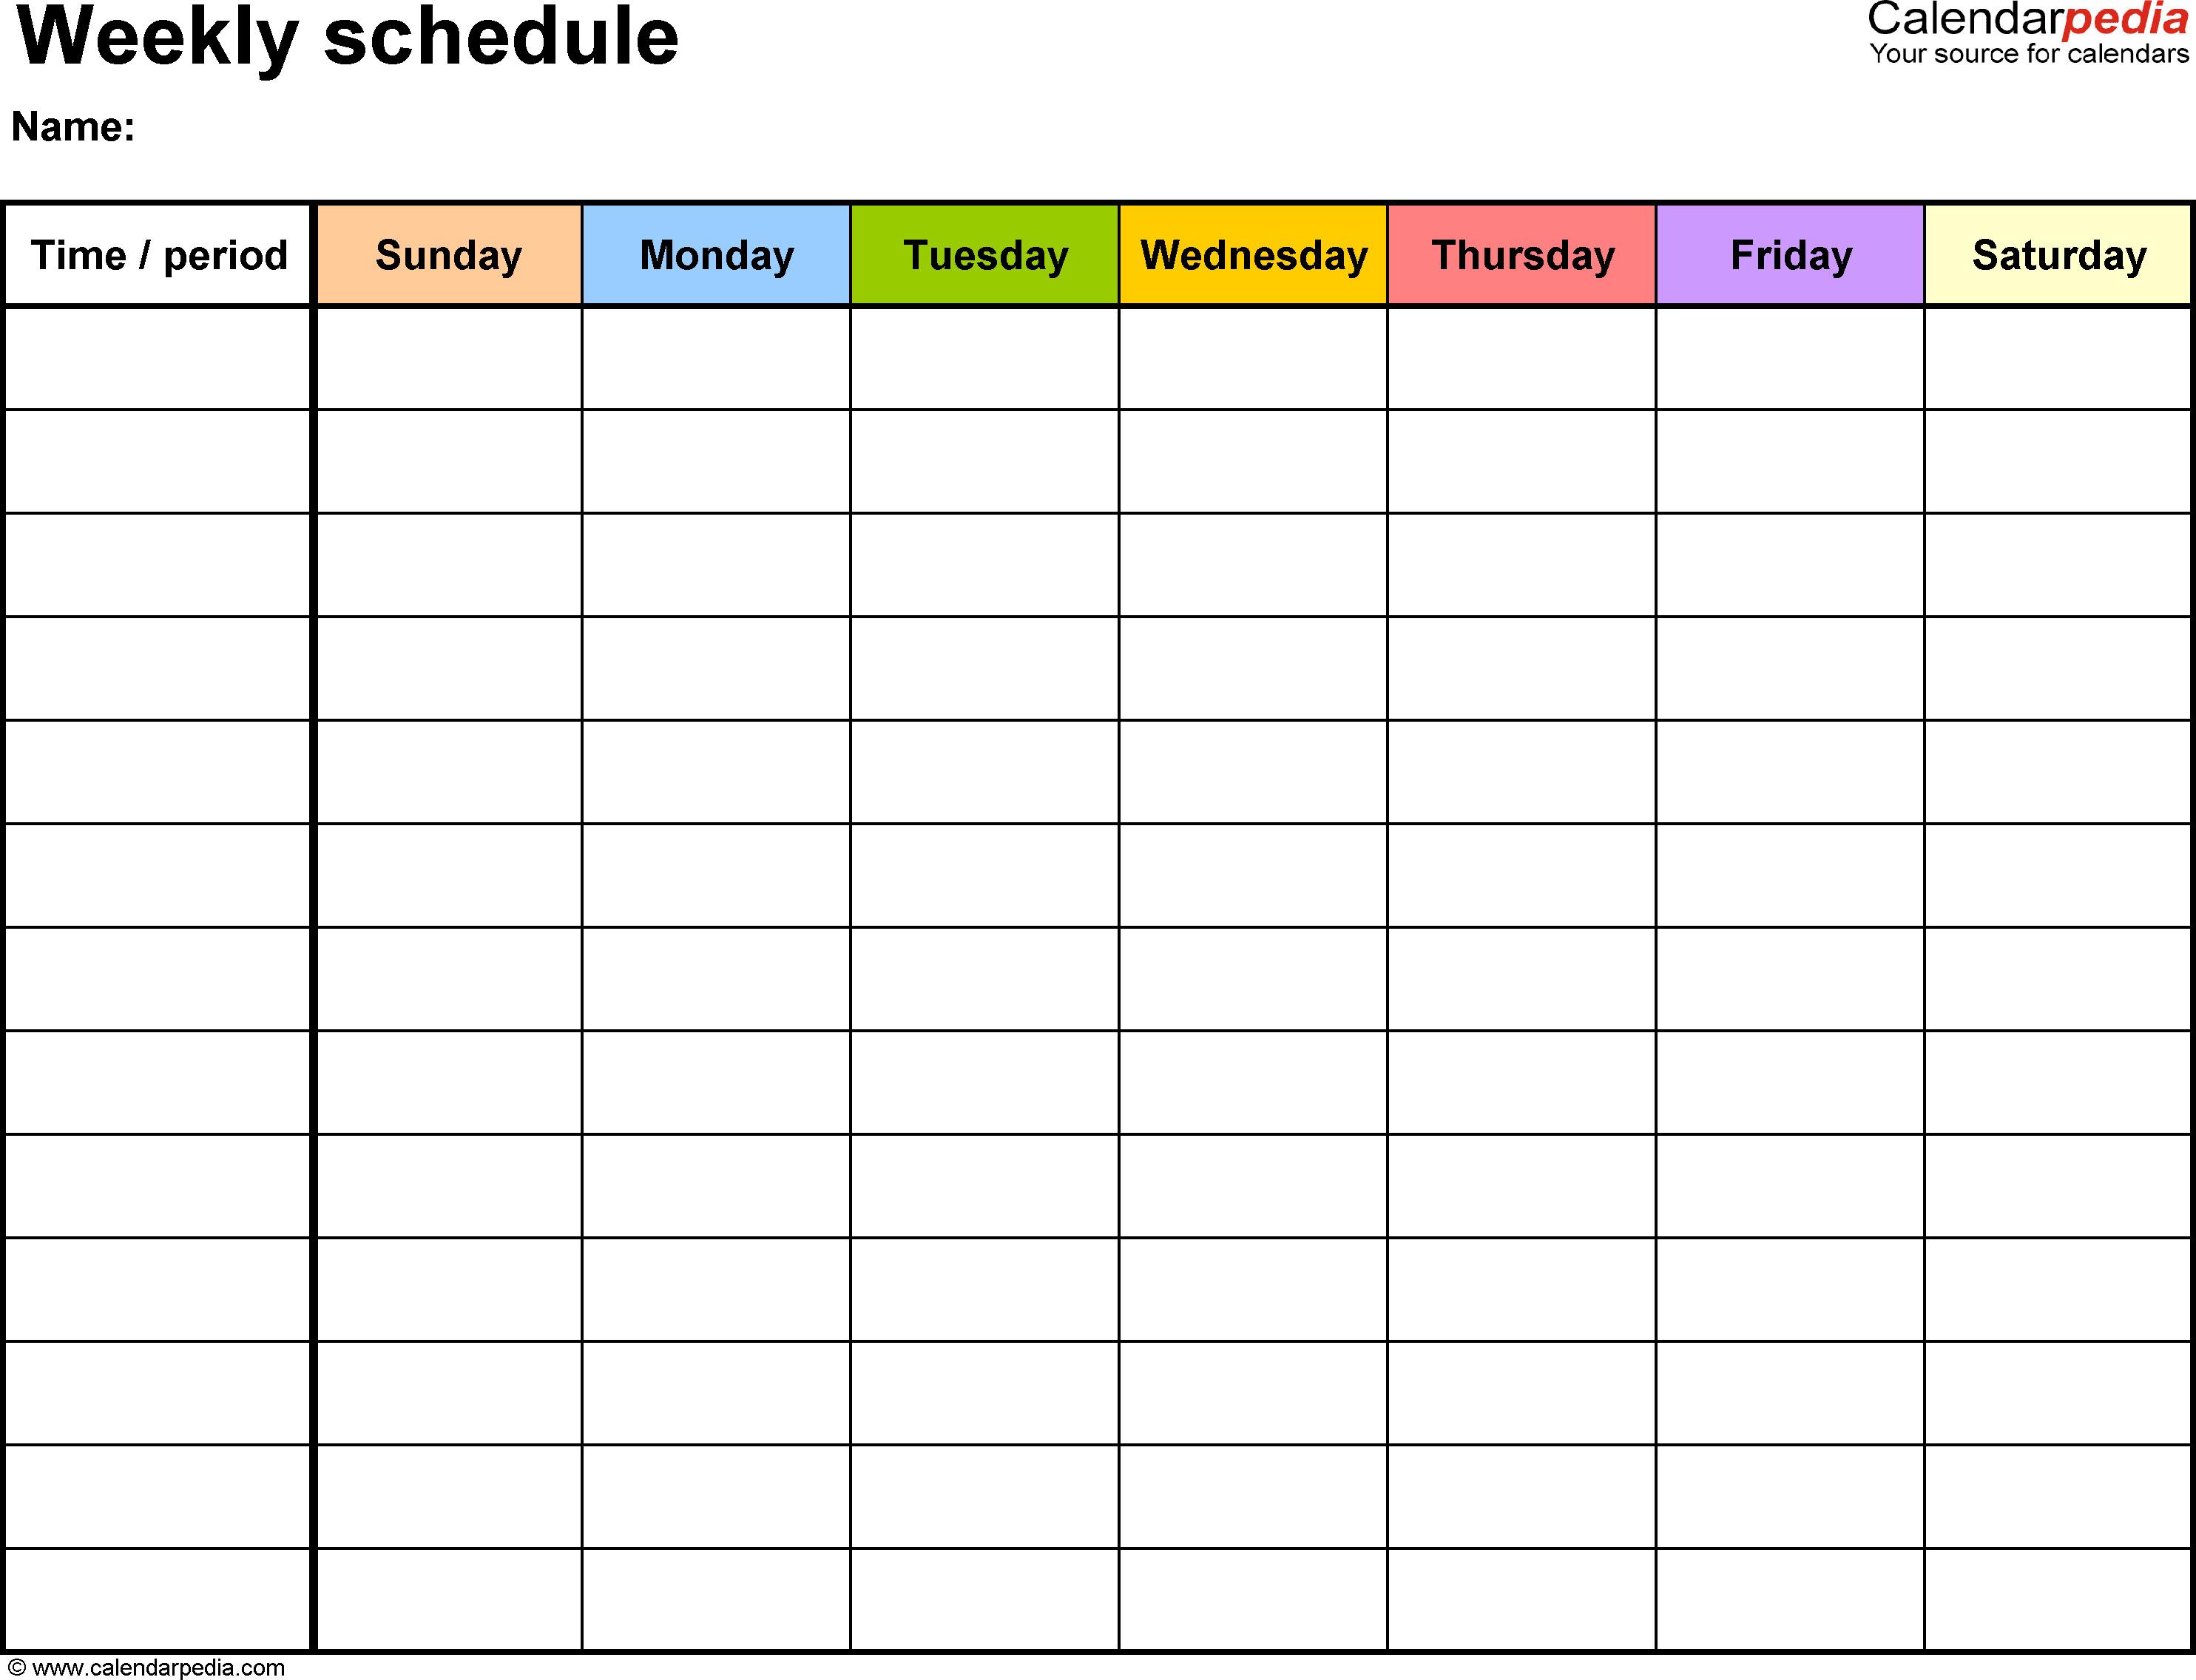 Printable Weekly Schedule Template Free Weekly Schedule Templates for Word 18 Templates